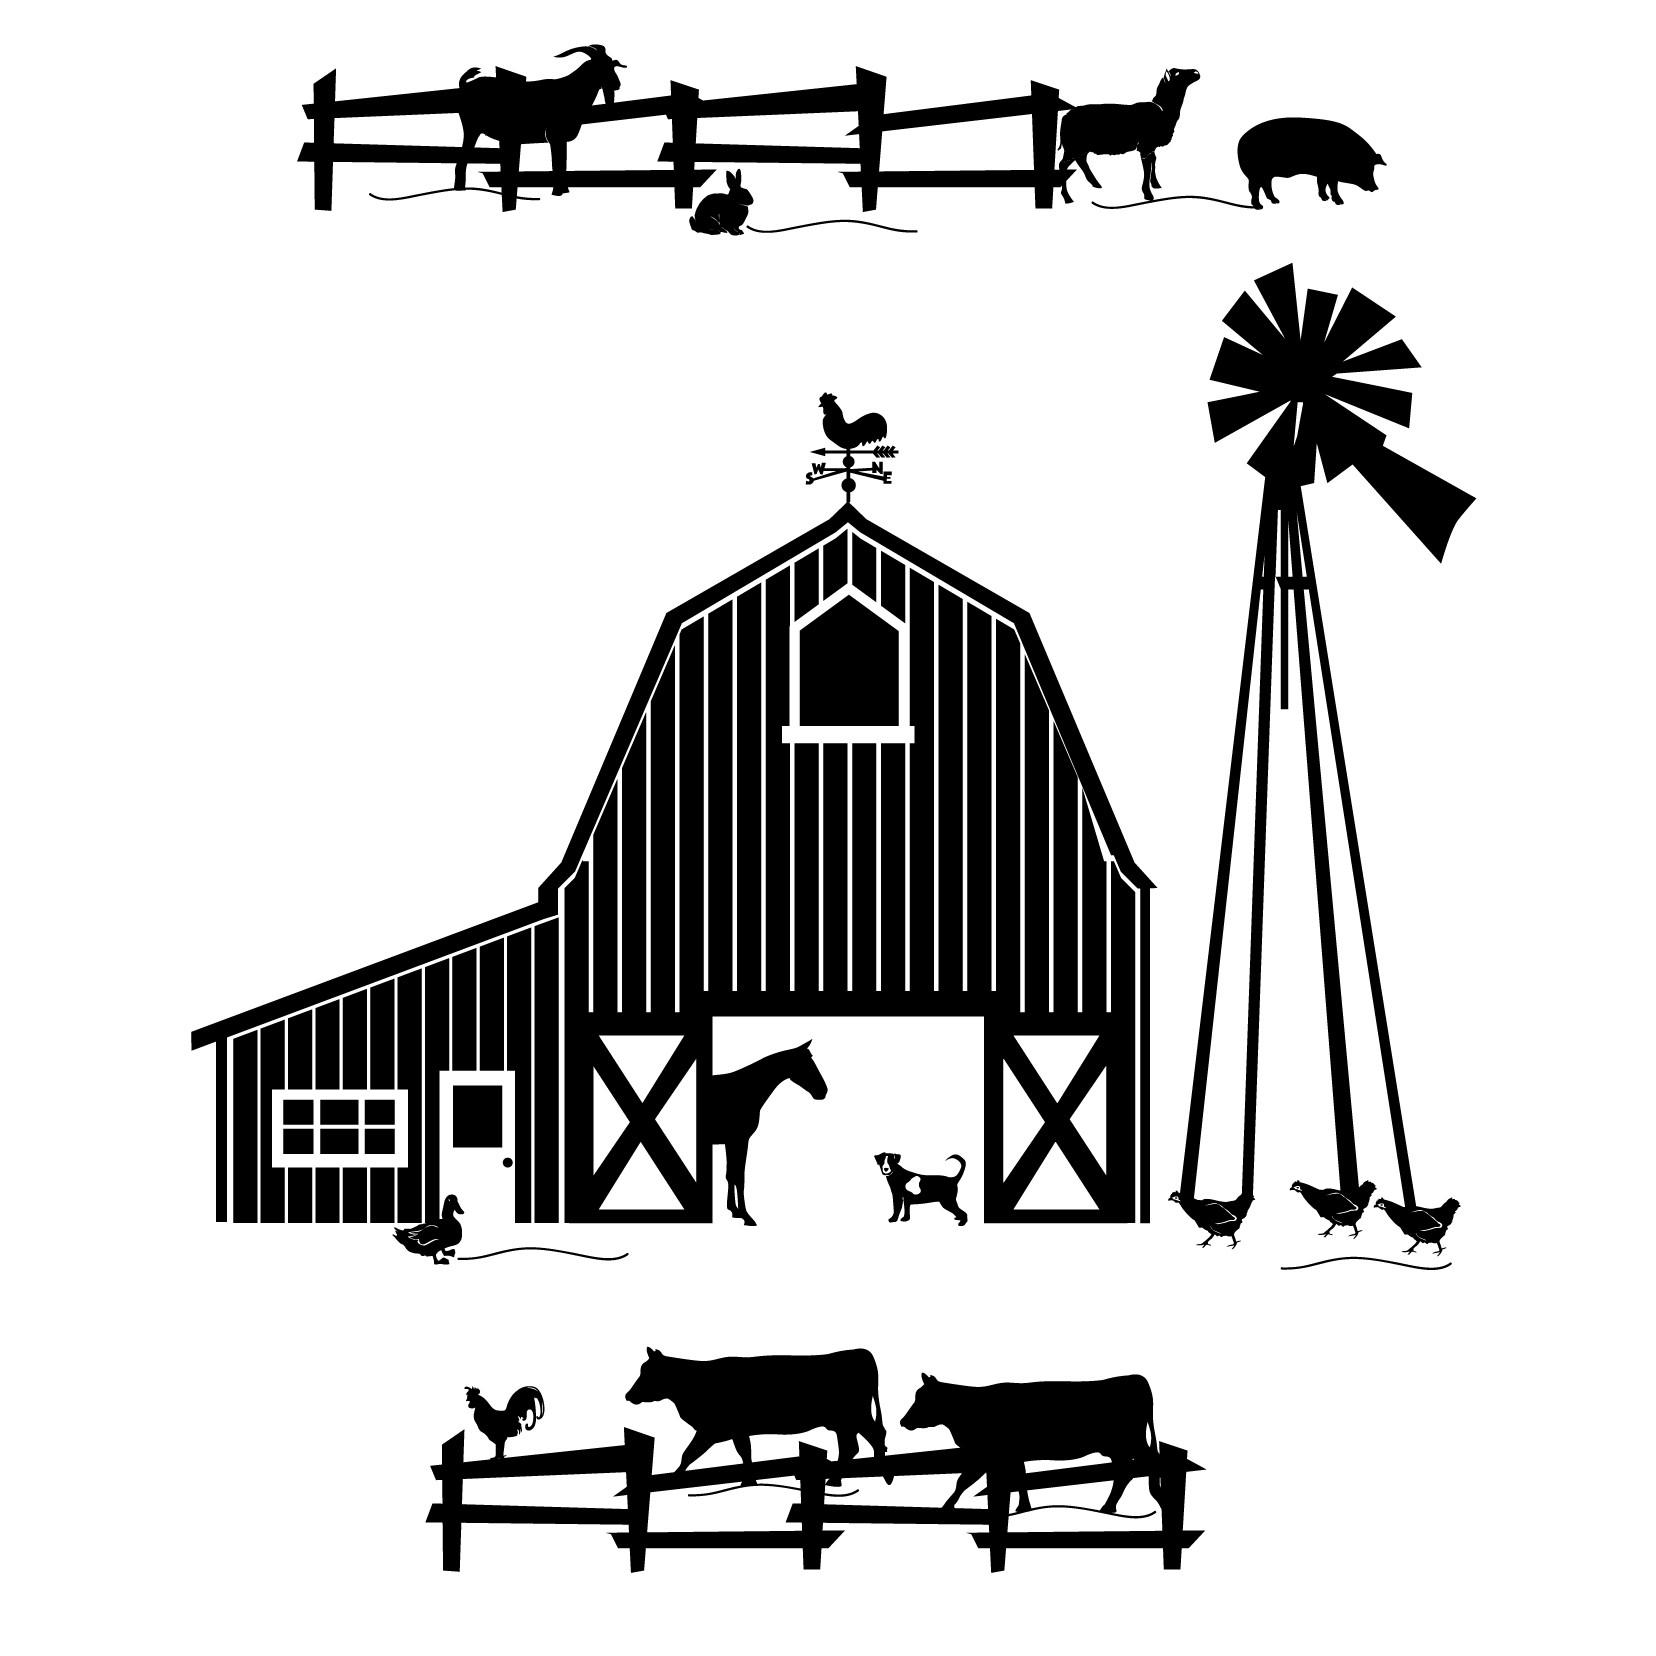 Free Farm Scene Cliparts Download Free Clip Art Free